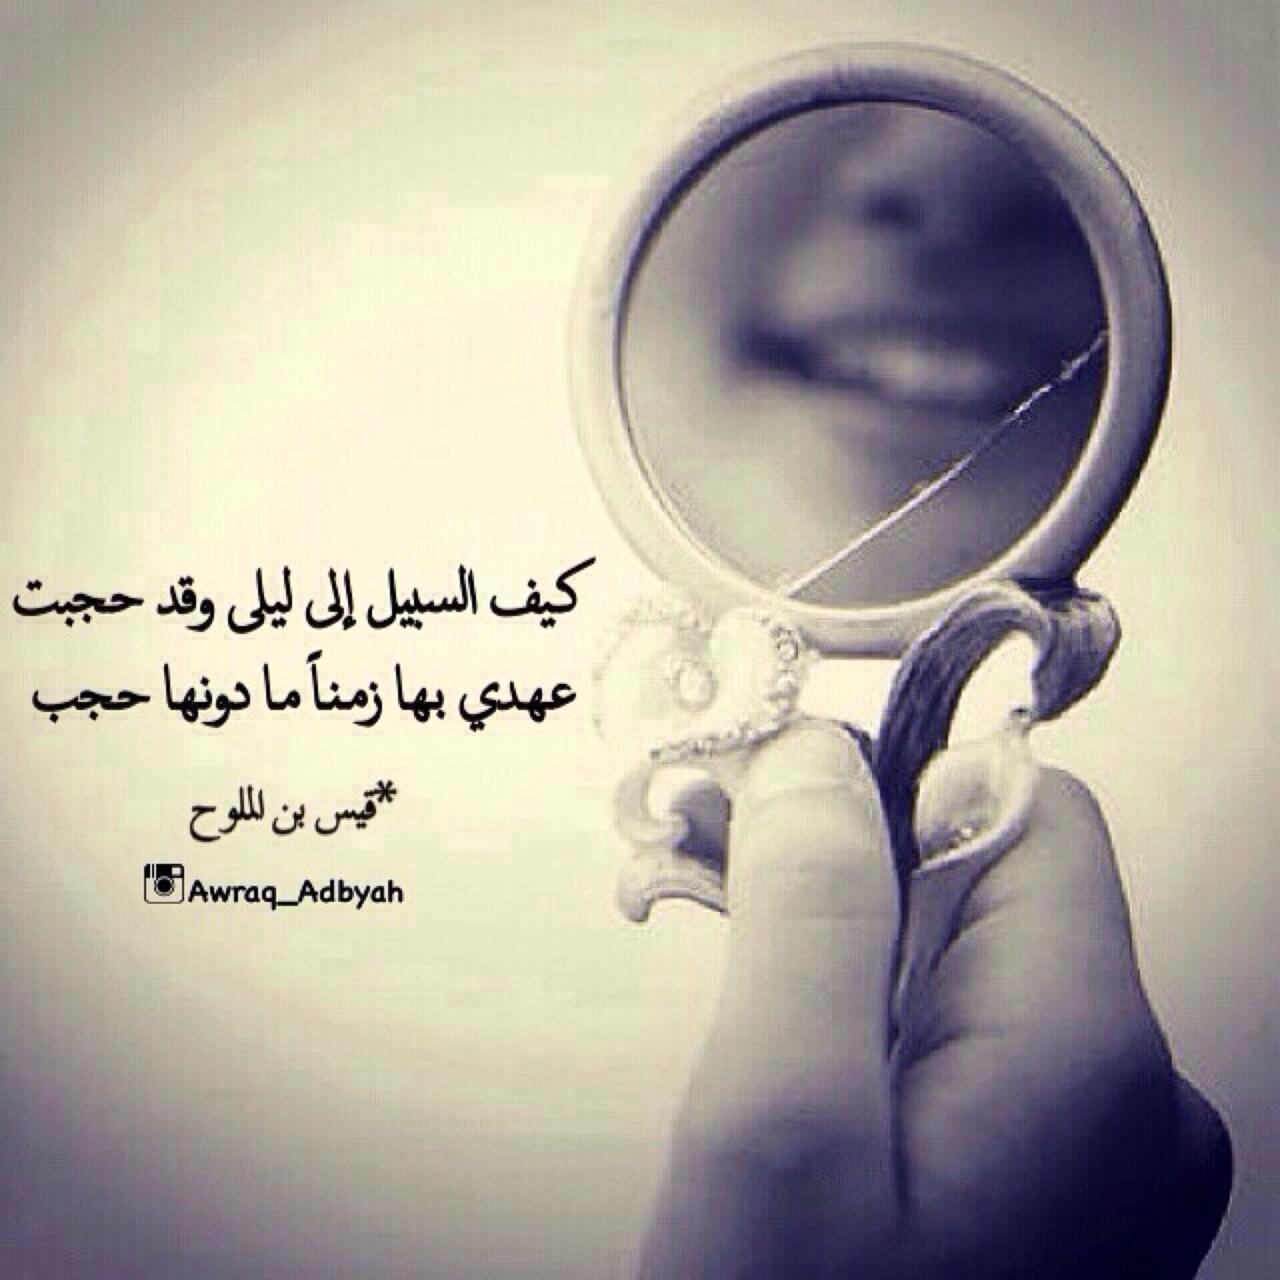 بيت شعر عن الشوق للحبيب Aiqtabas Blog